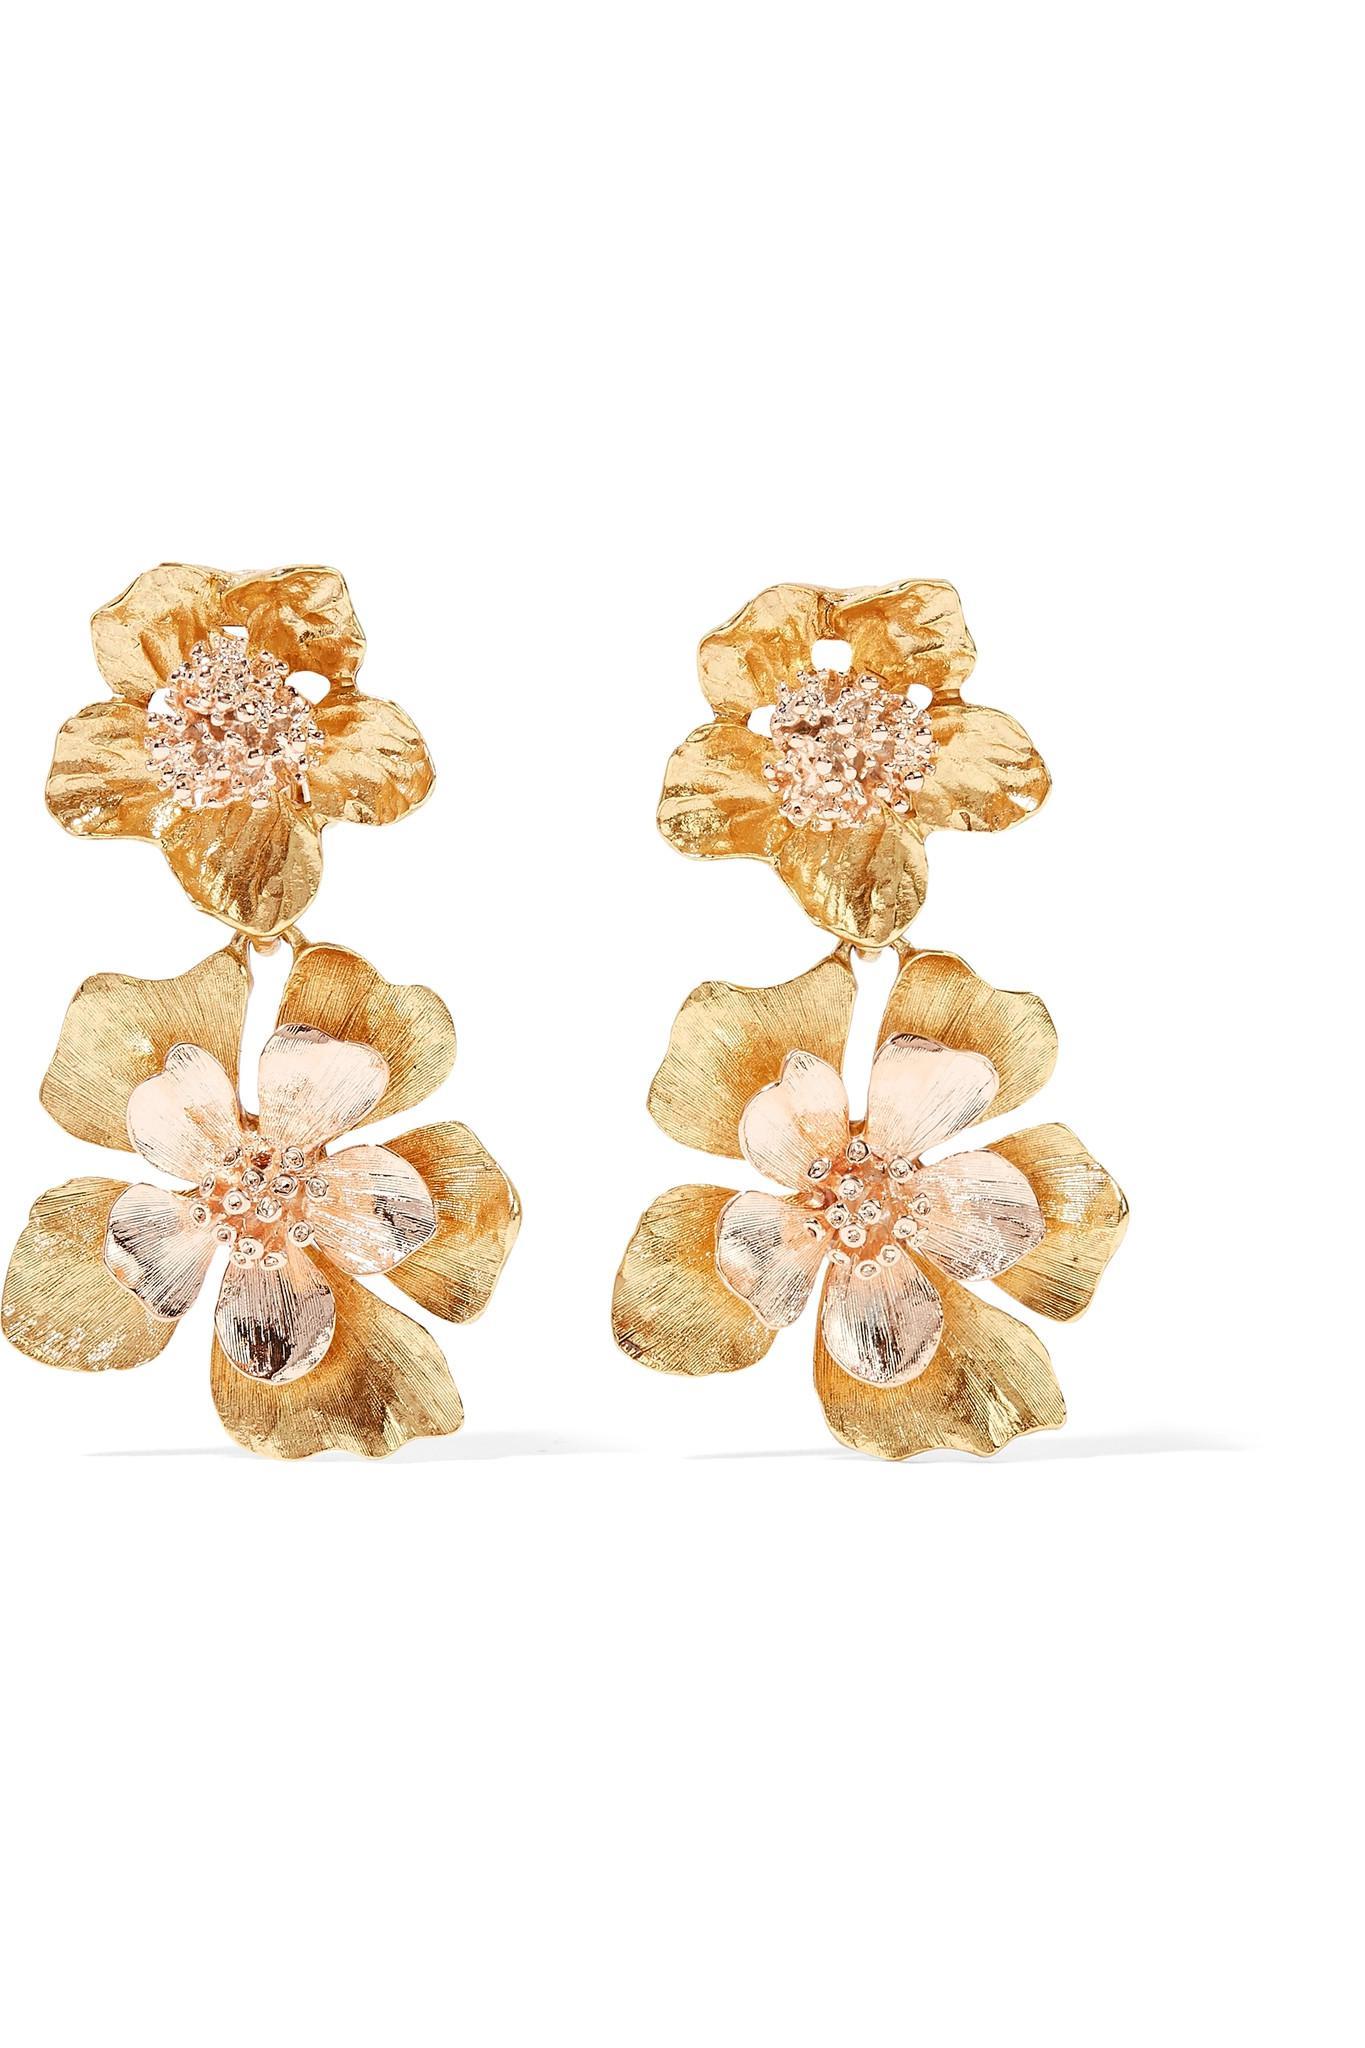 Silver-tone Clip Earrings - One size Oscar De La Renta IqIU3noOY